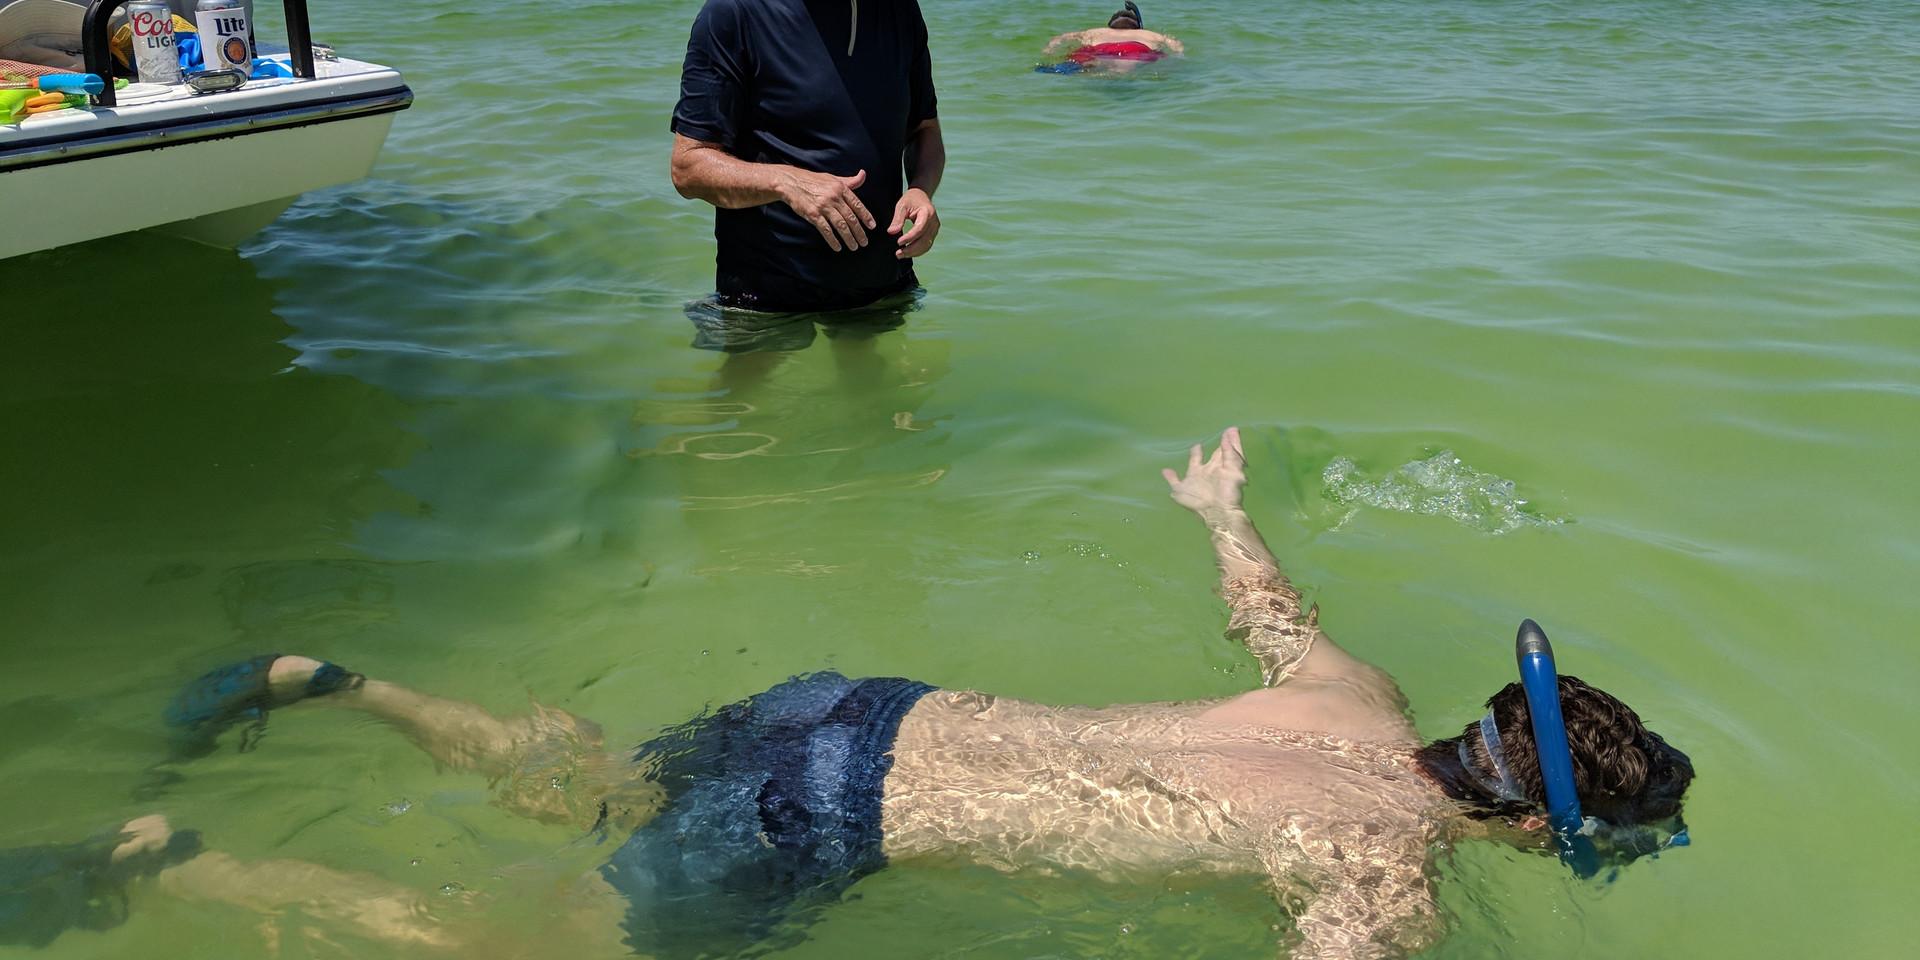 Snorkeling near me